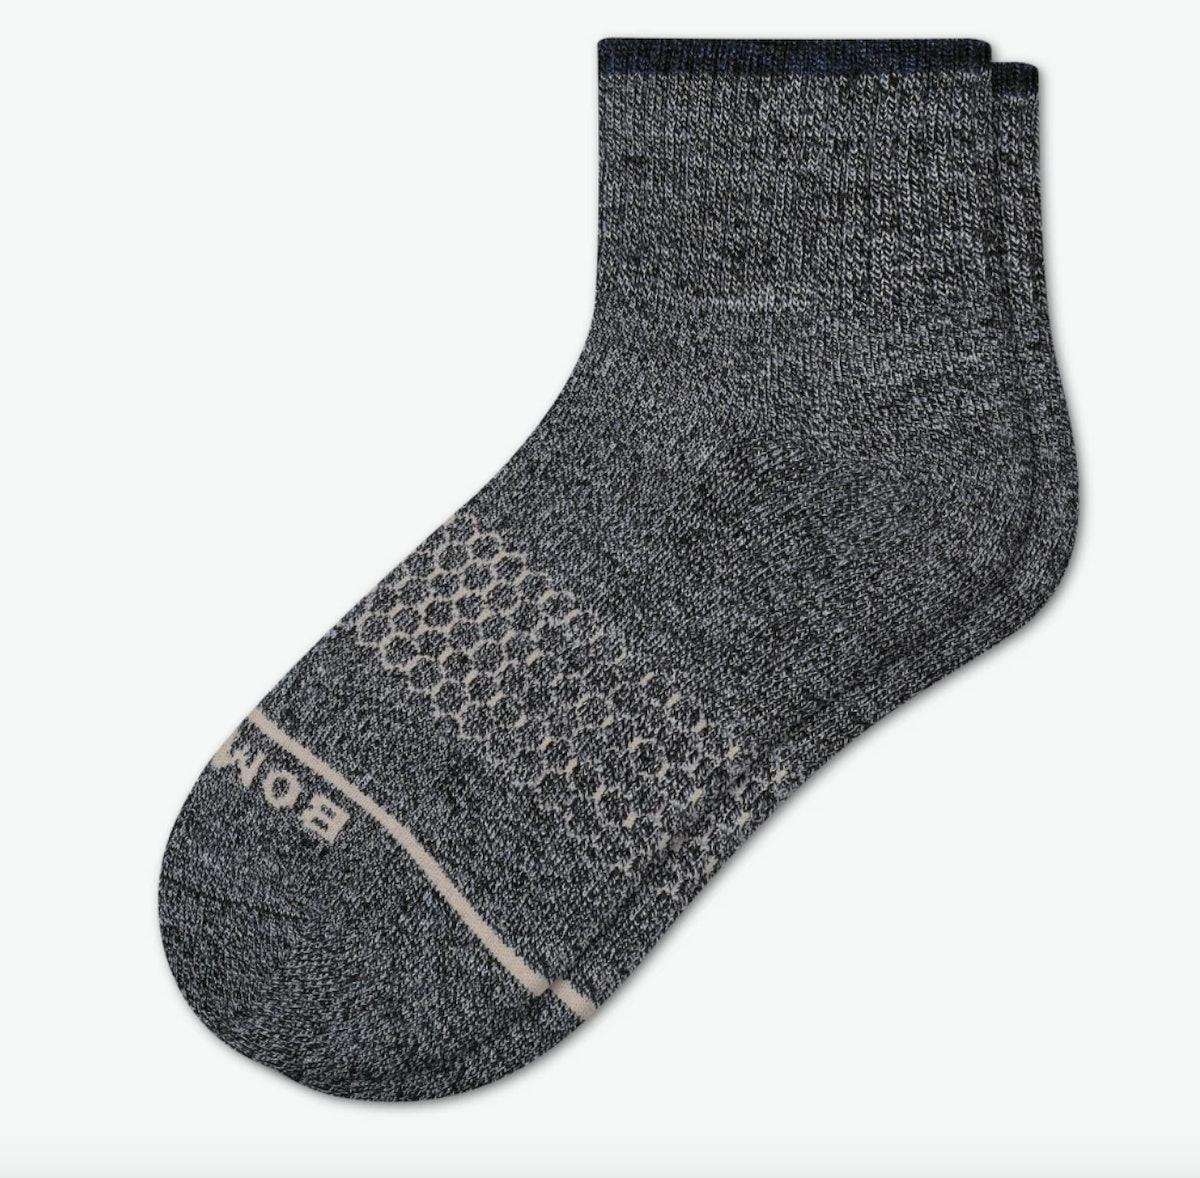 Merino Wool Quarter Socks